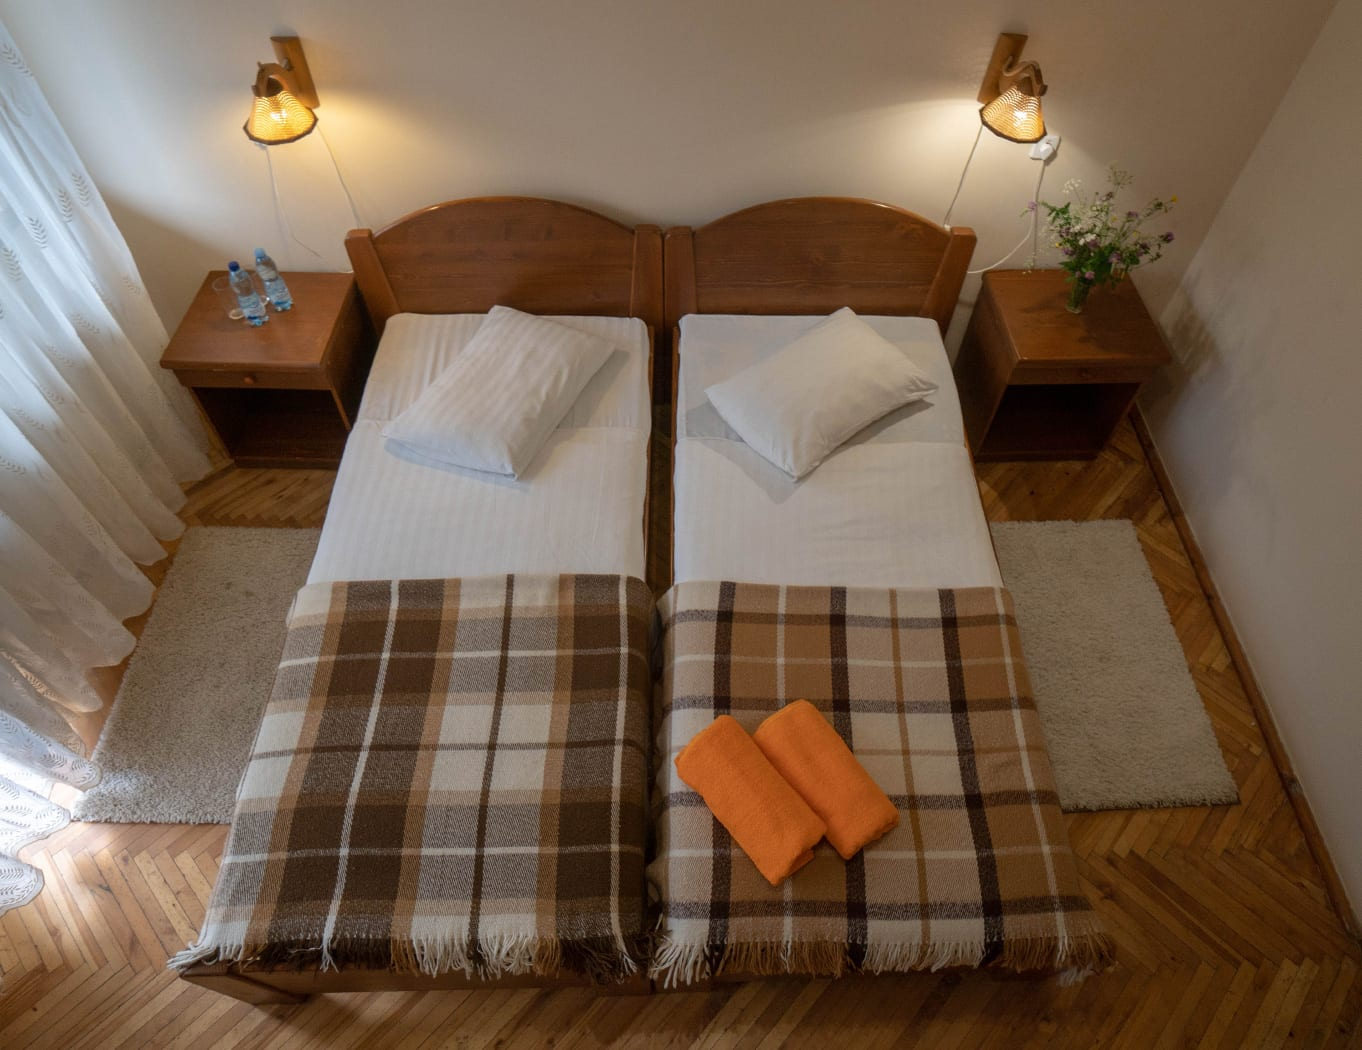 СТАНДАРТ, раздельные кровати